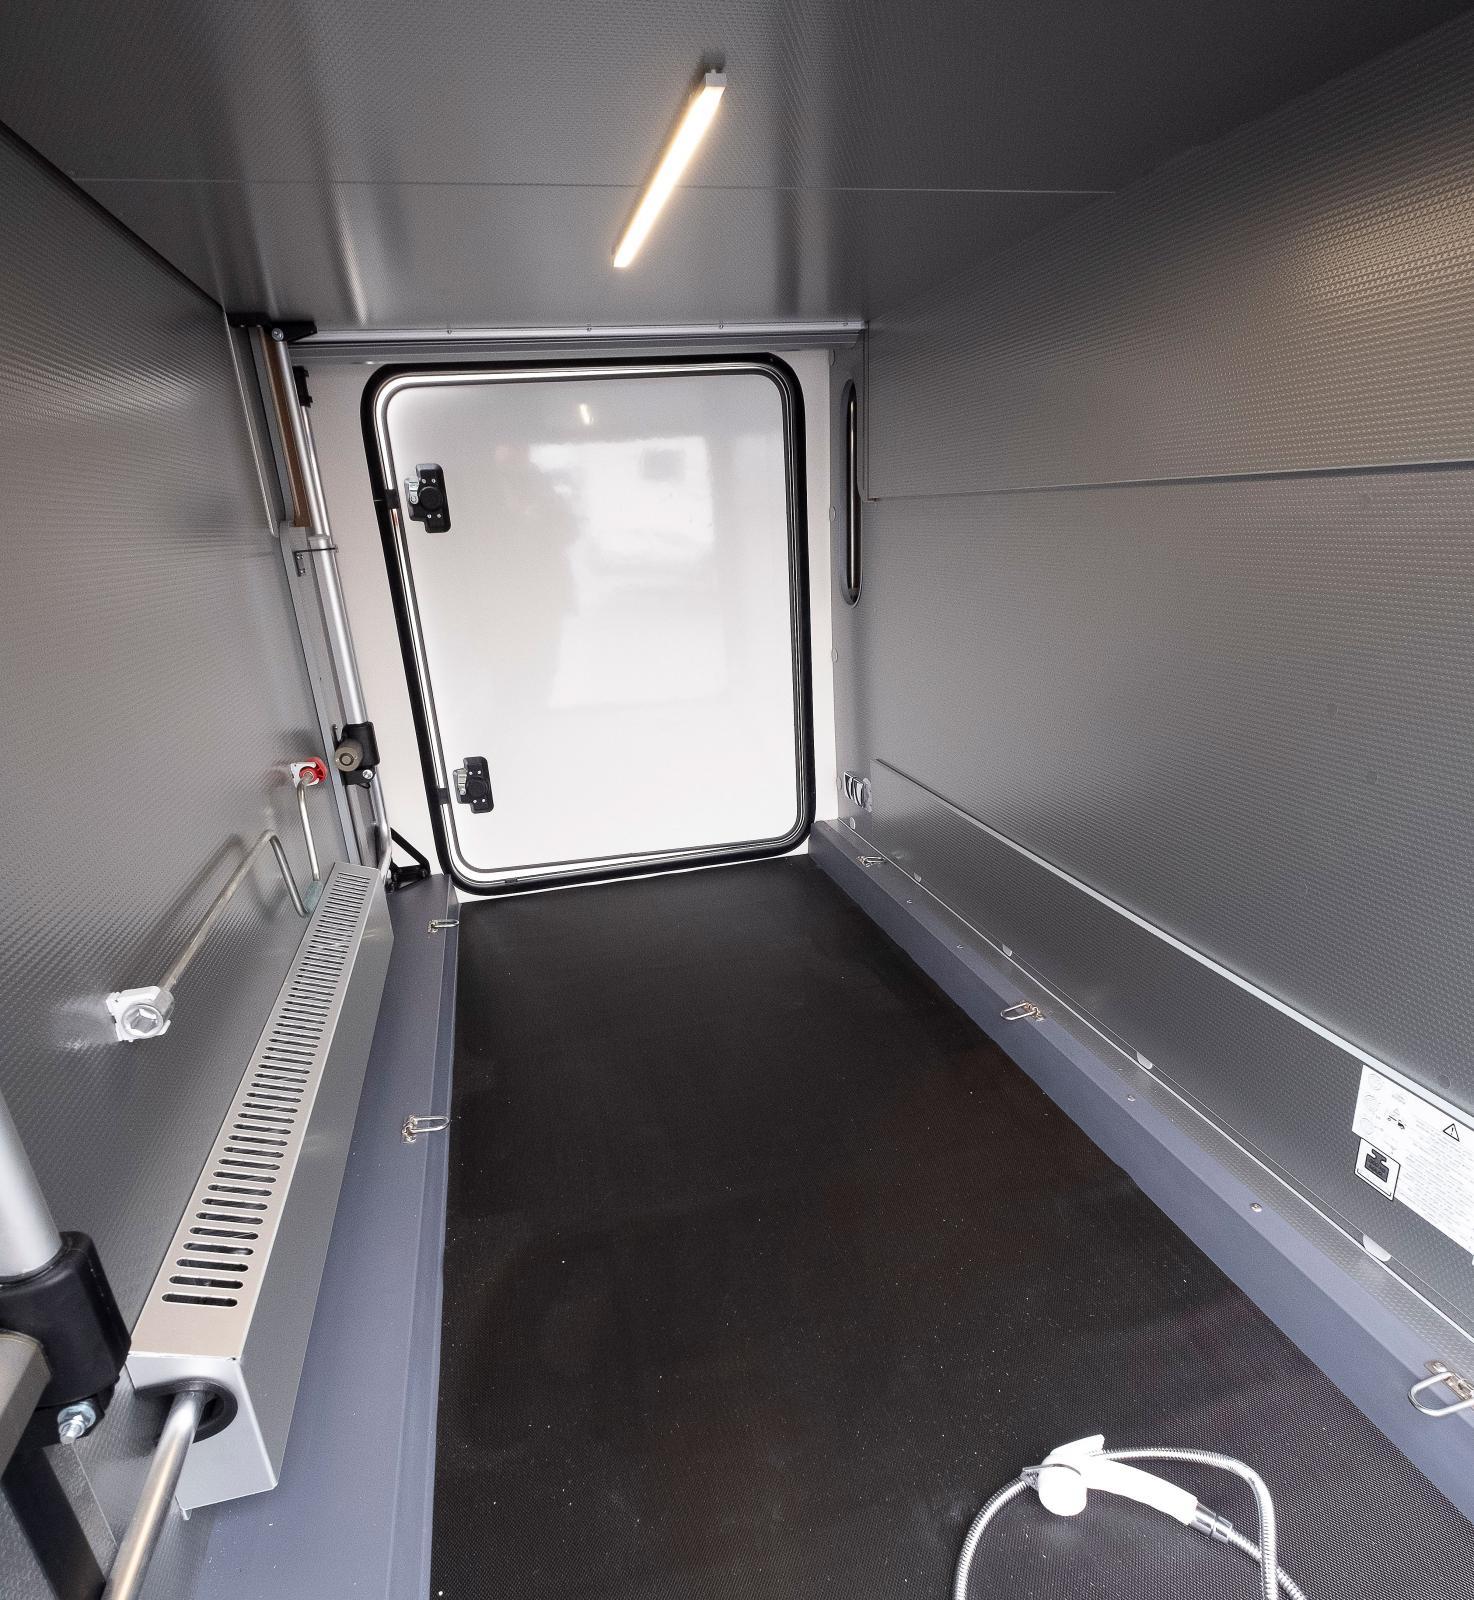 Garaget har bra placerad belysning och är uppvärmt.